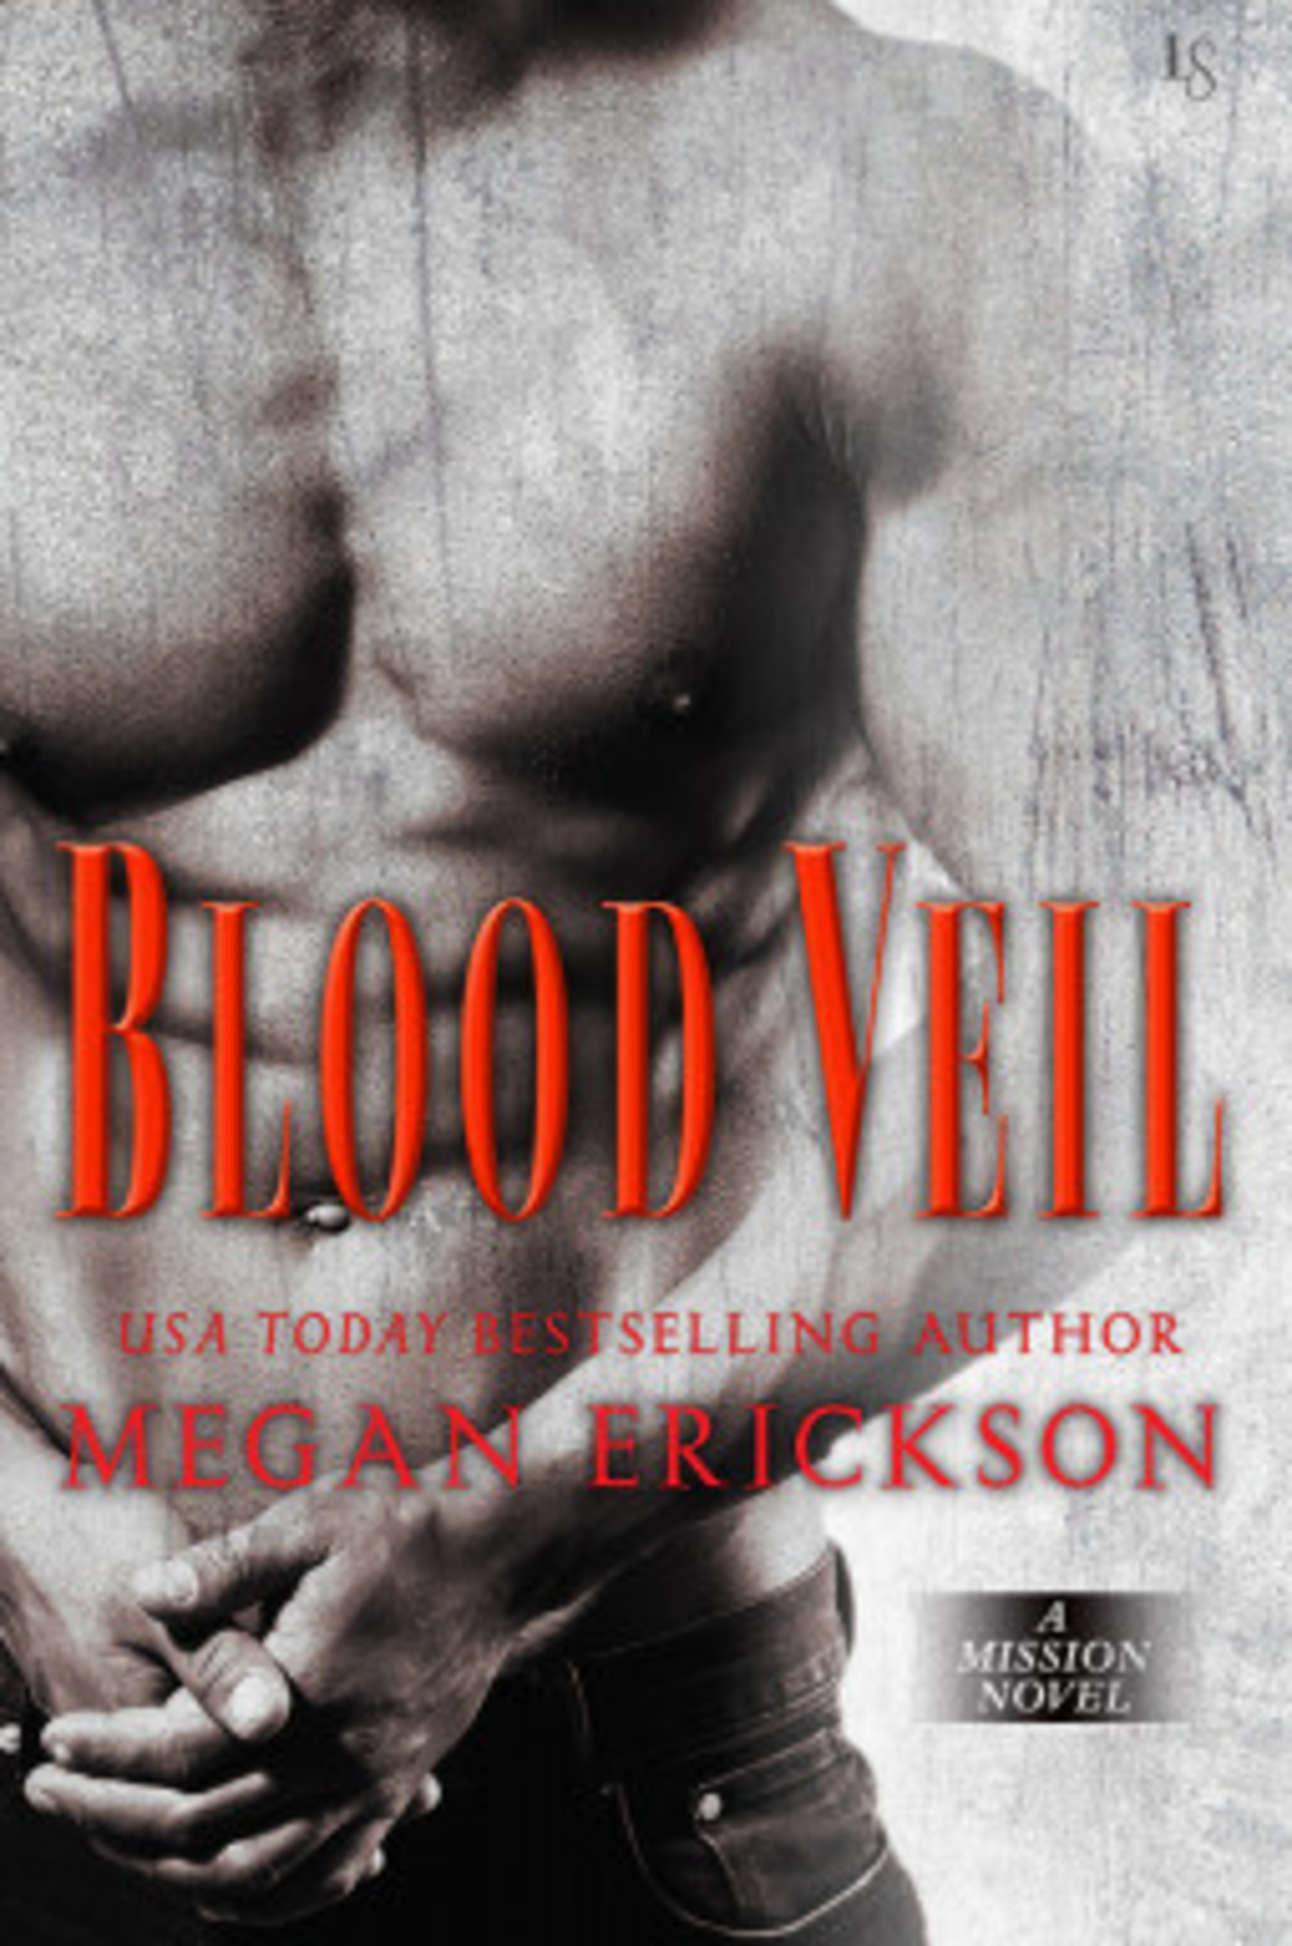 blood_veil.jpg